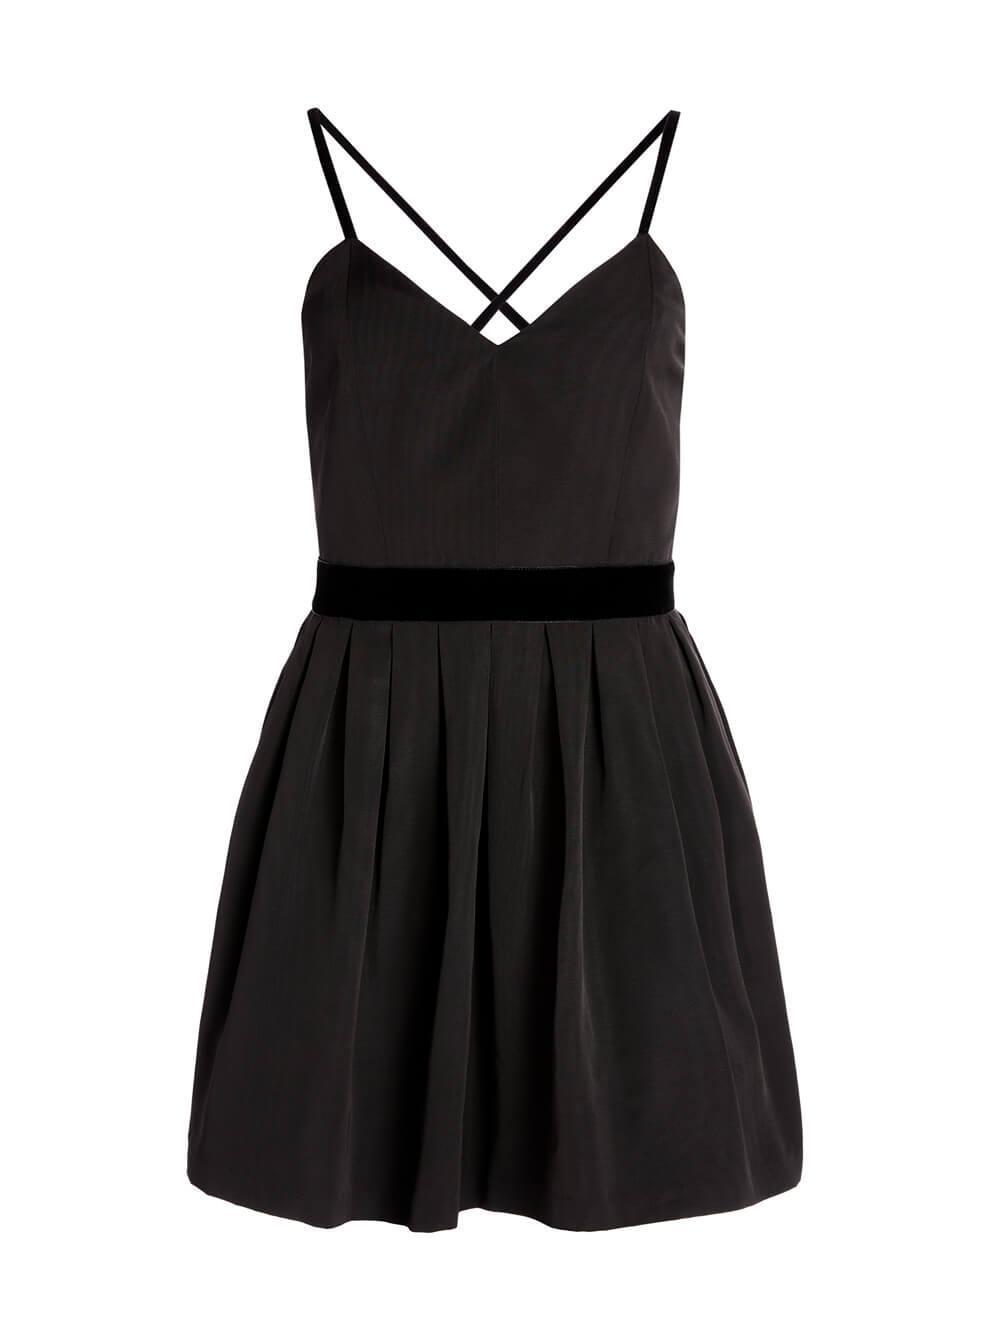 Madison Pleated Mini Dress Item # CC009Q46524